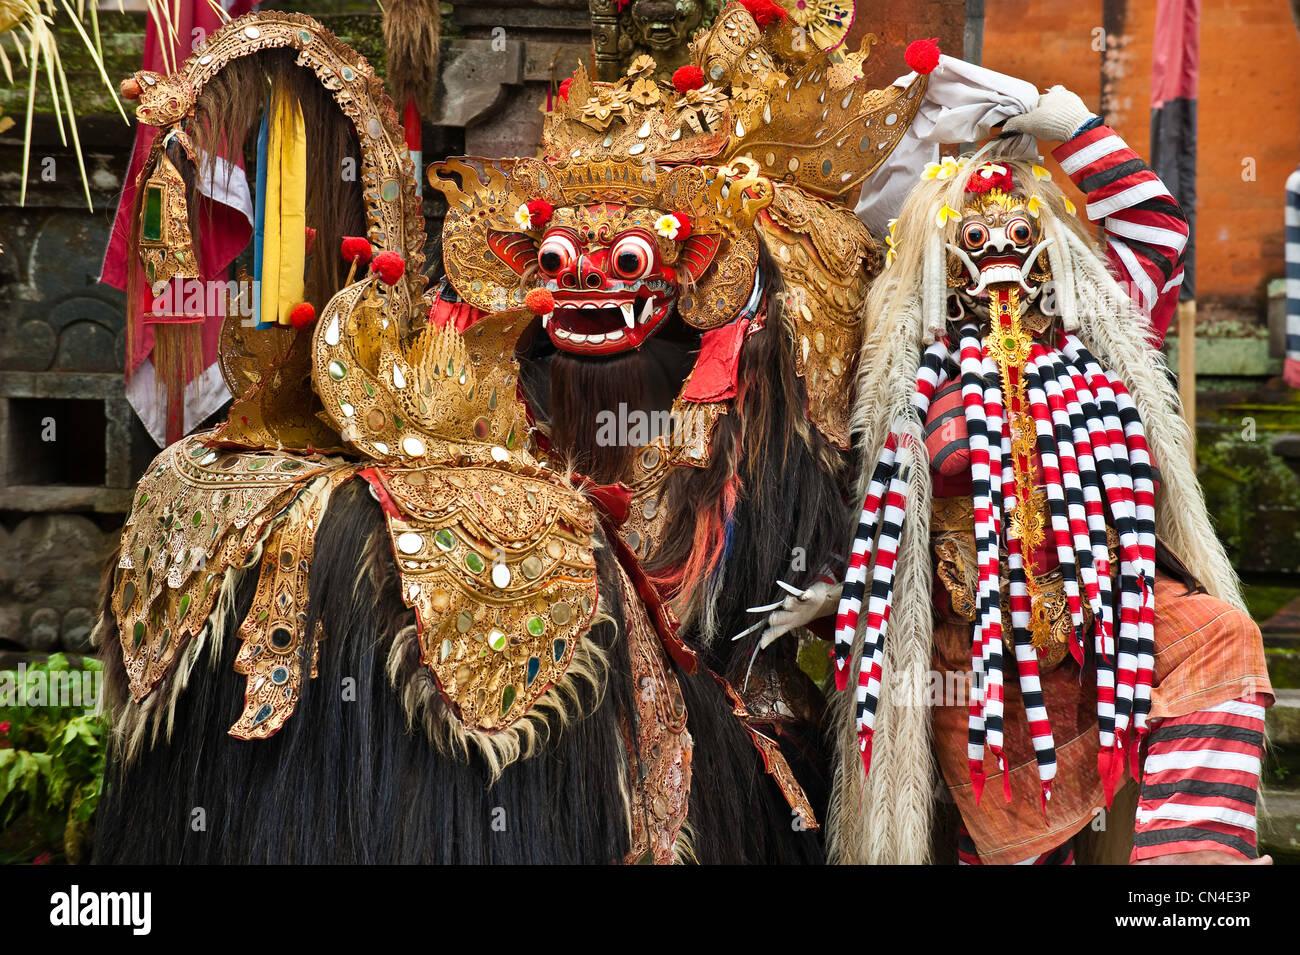 Barong Dance Mask Of Lion Stock Photos & Barong Dance Mask